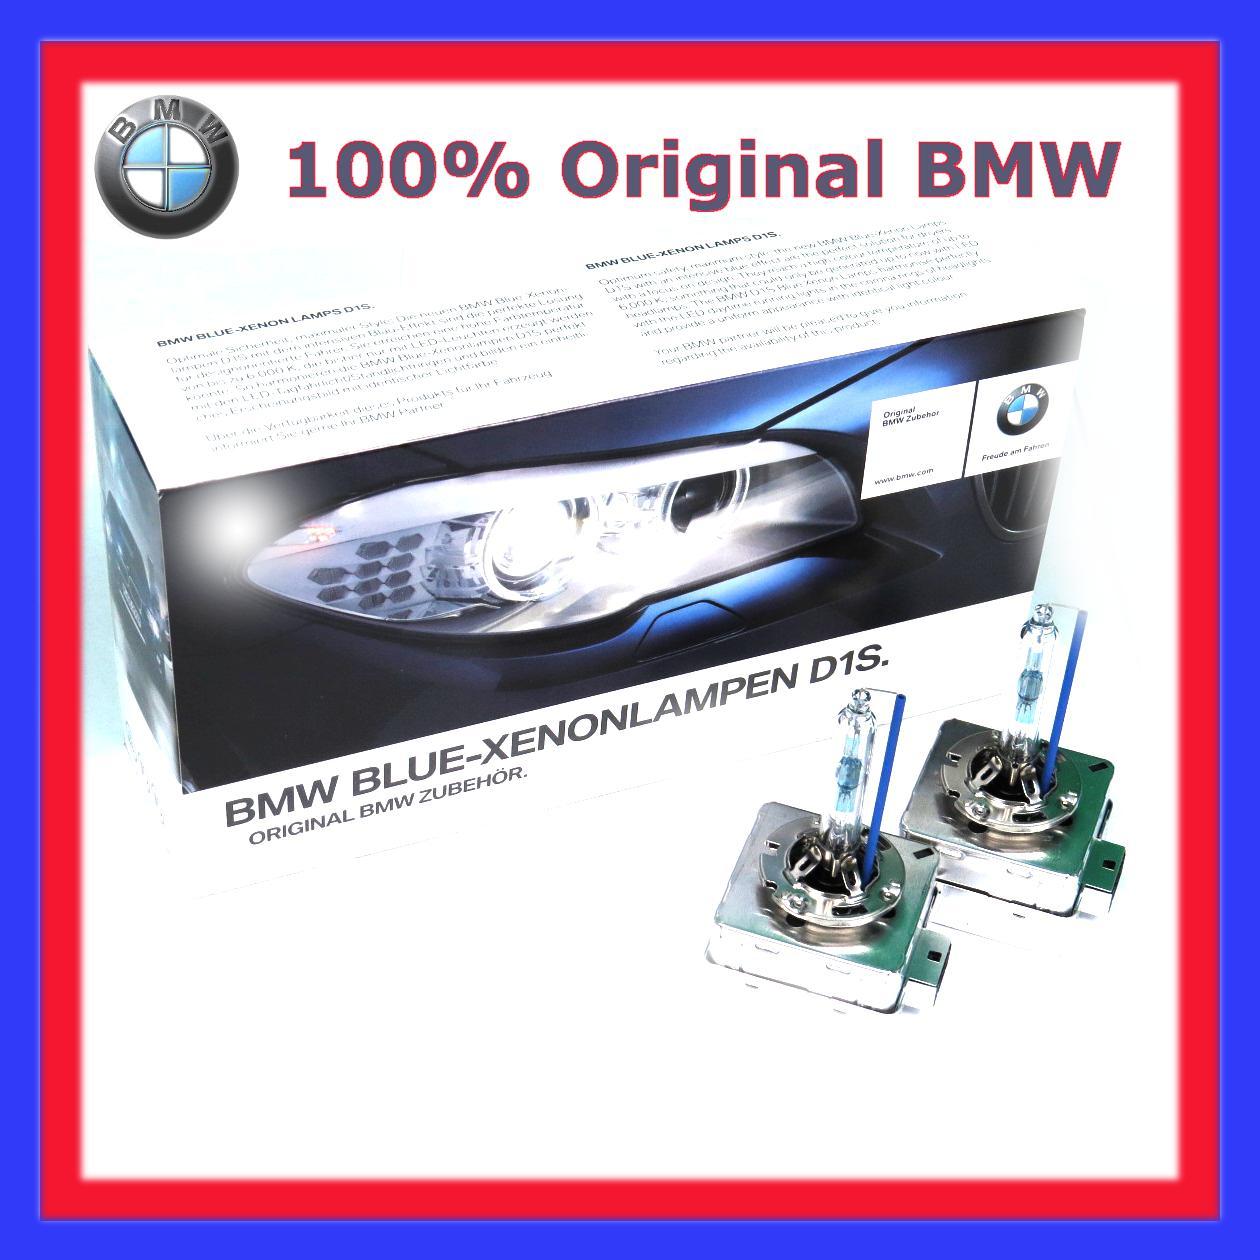 2x 100 original bmw xenon brenner d1s blue e70 e81 e82. Black Bedroom Furniture Sets. Home Design Ideas